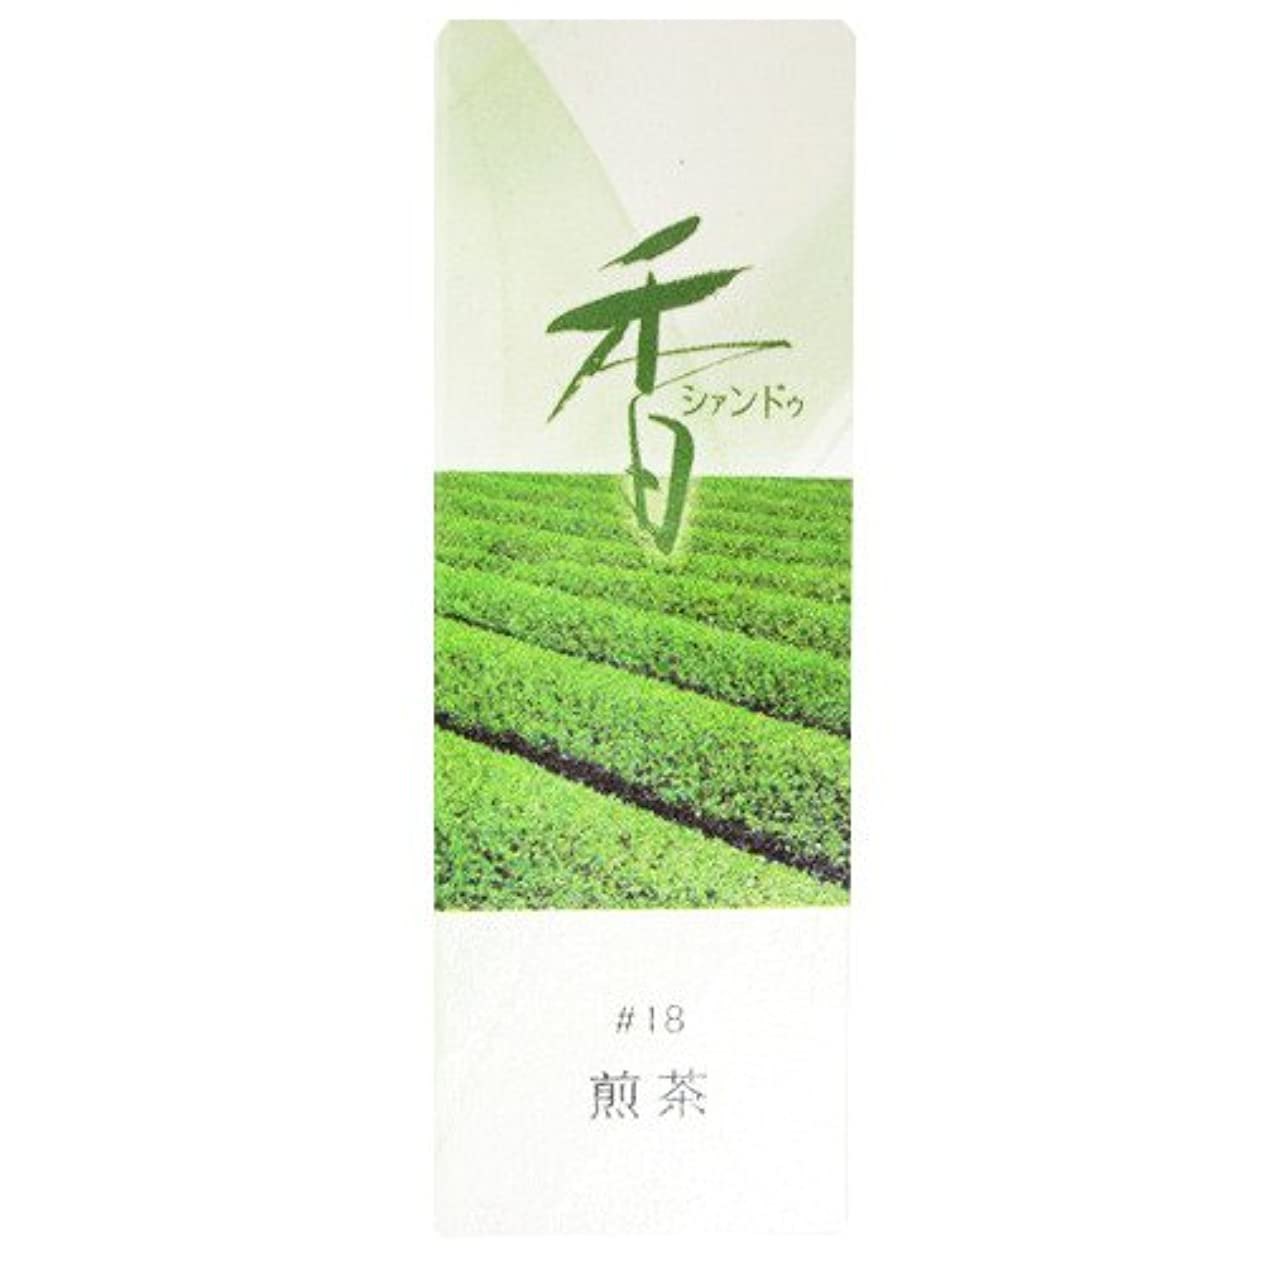 見かけ上採用するに勝る松栄堂のお香 Xiang Do(シャンドゥ) 煎茶 ST20本入 簡易香立付 #214218